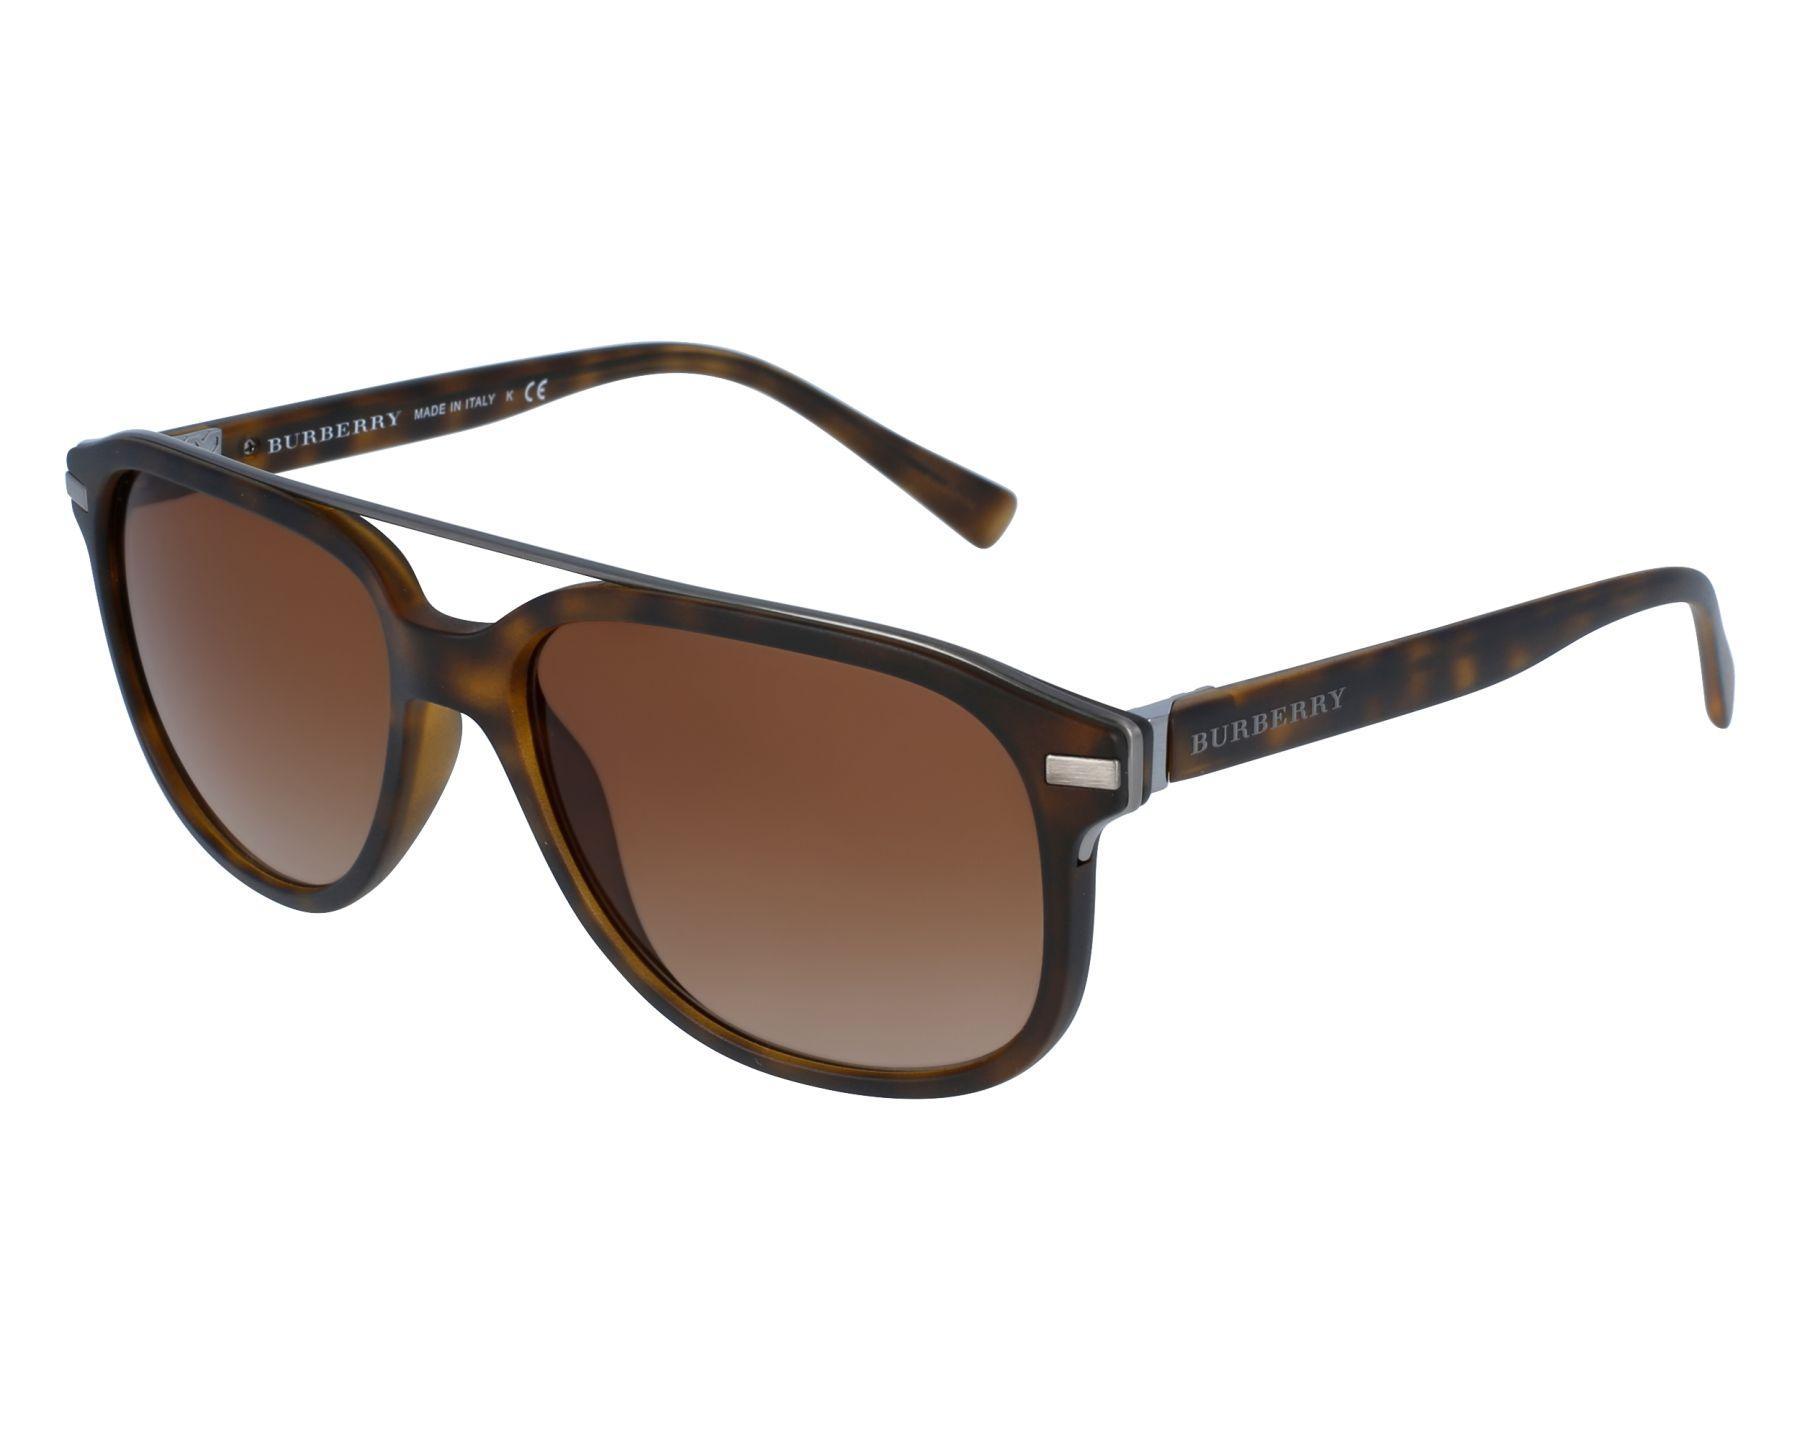 5704bfc8c8 Gafas de sol Burberry BE-4233 3536/13 57-16 Havana Plata vista